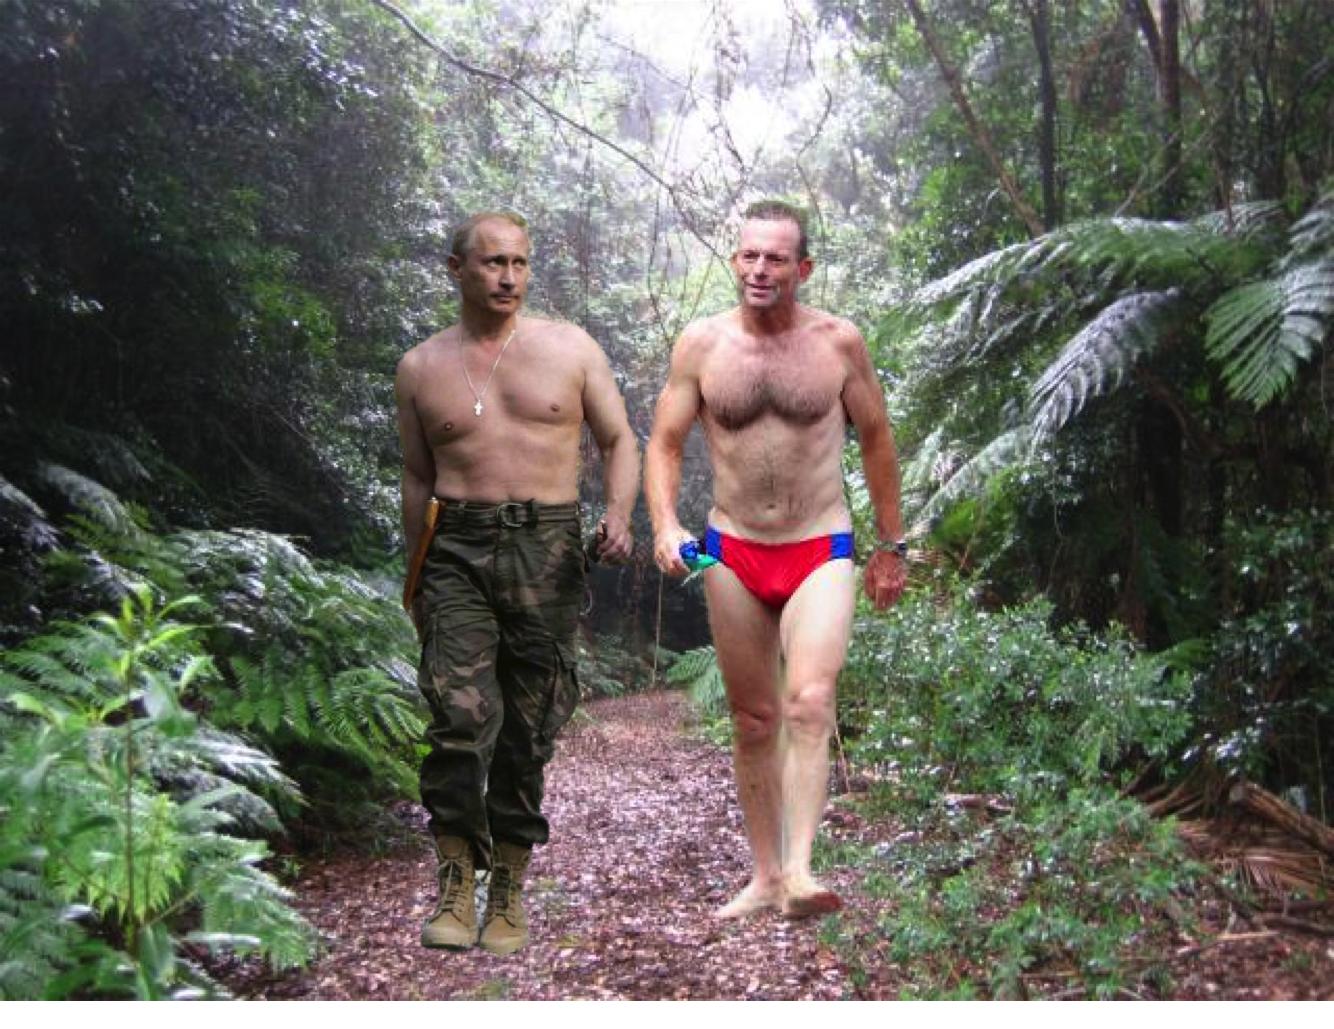 Putin And Abbott Bond Over Bare Chested Tiger Wrestling The Shovel